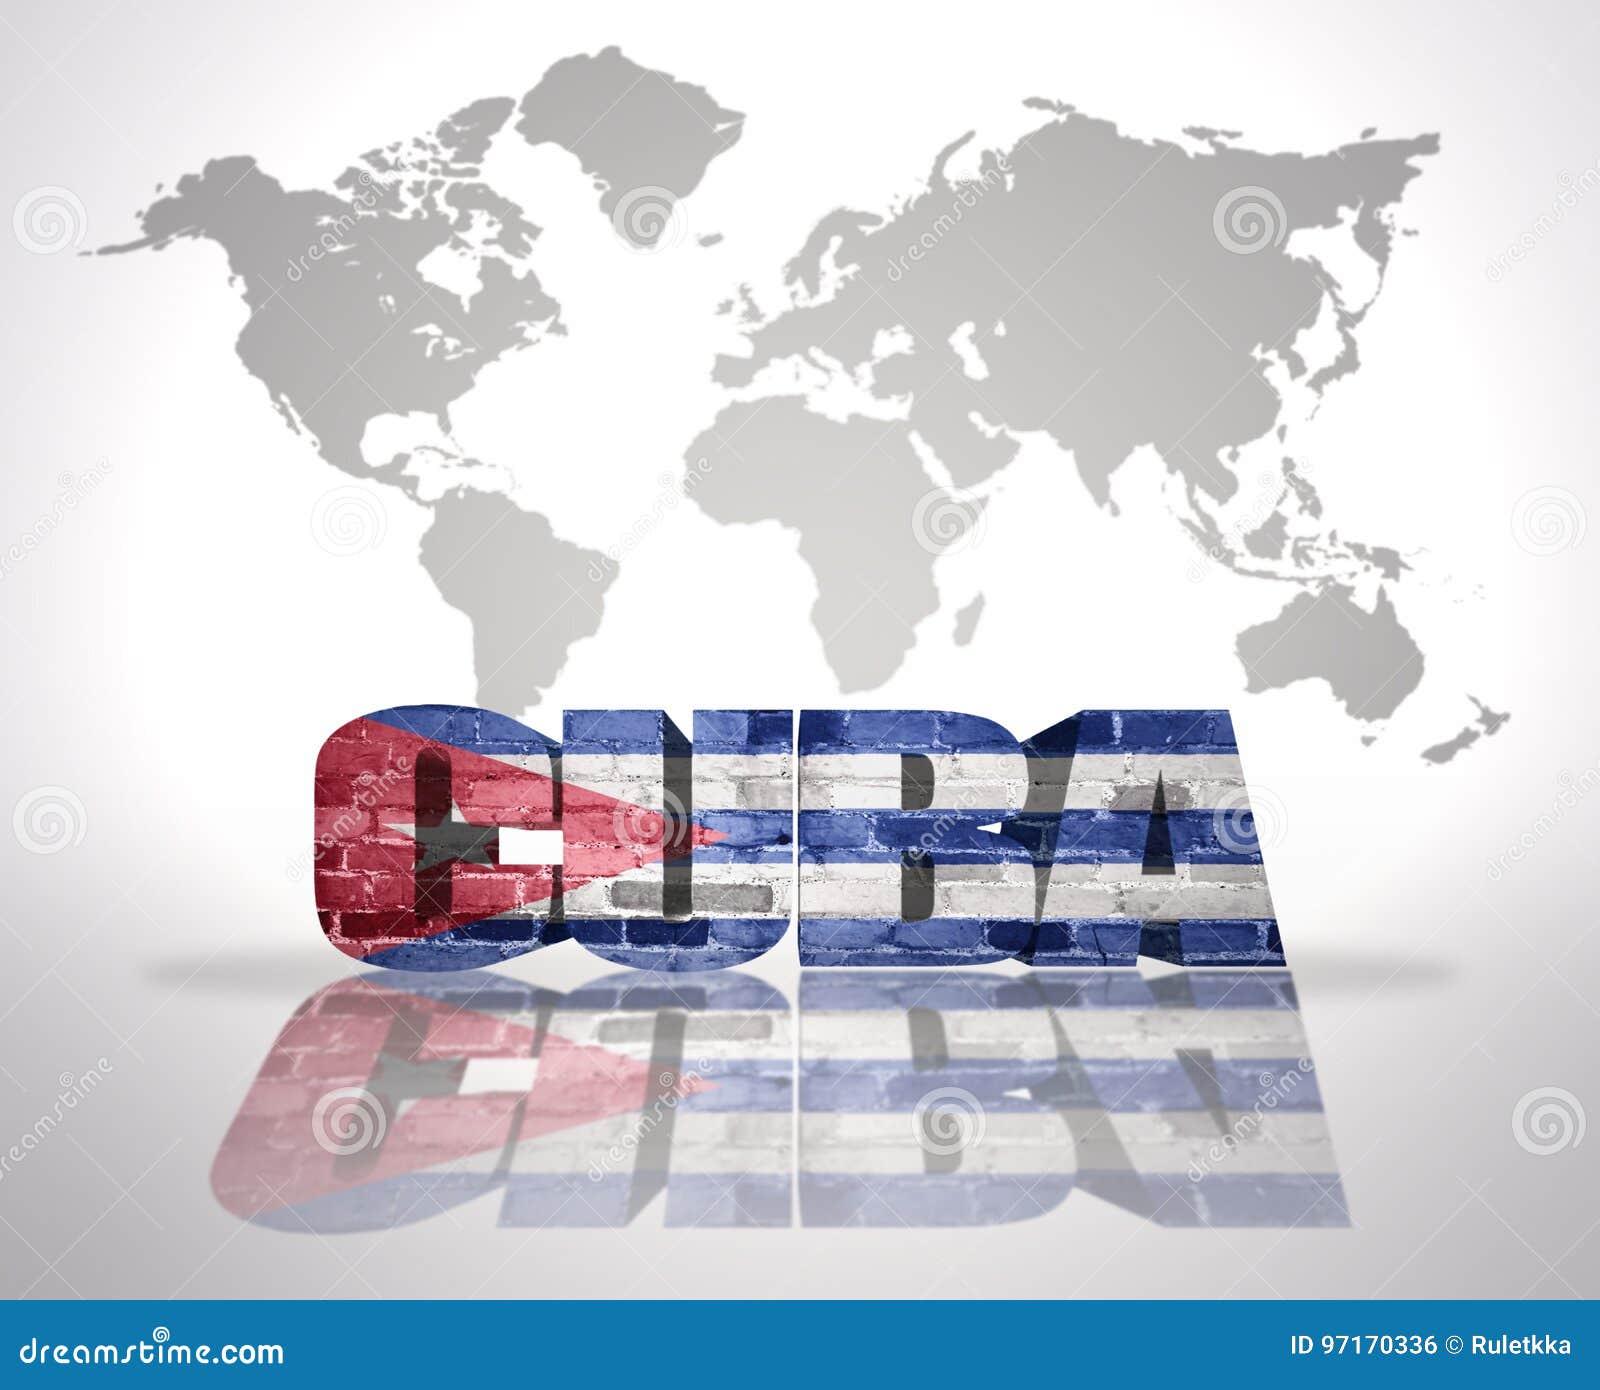 Carte Cuba Amerique.Word Cuba Sur Un Fond De Carte Du Monde Illustration Stock